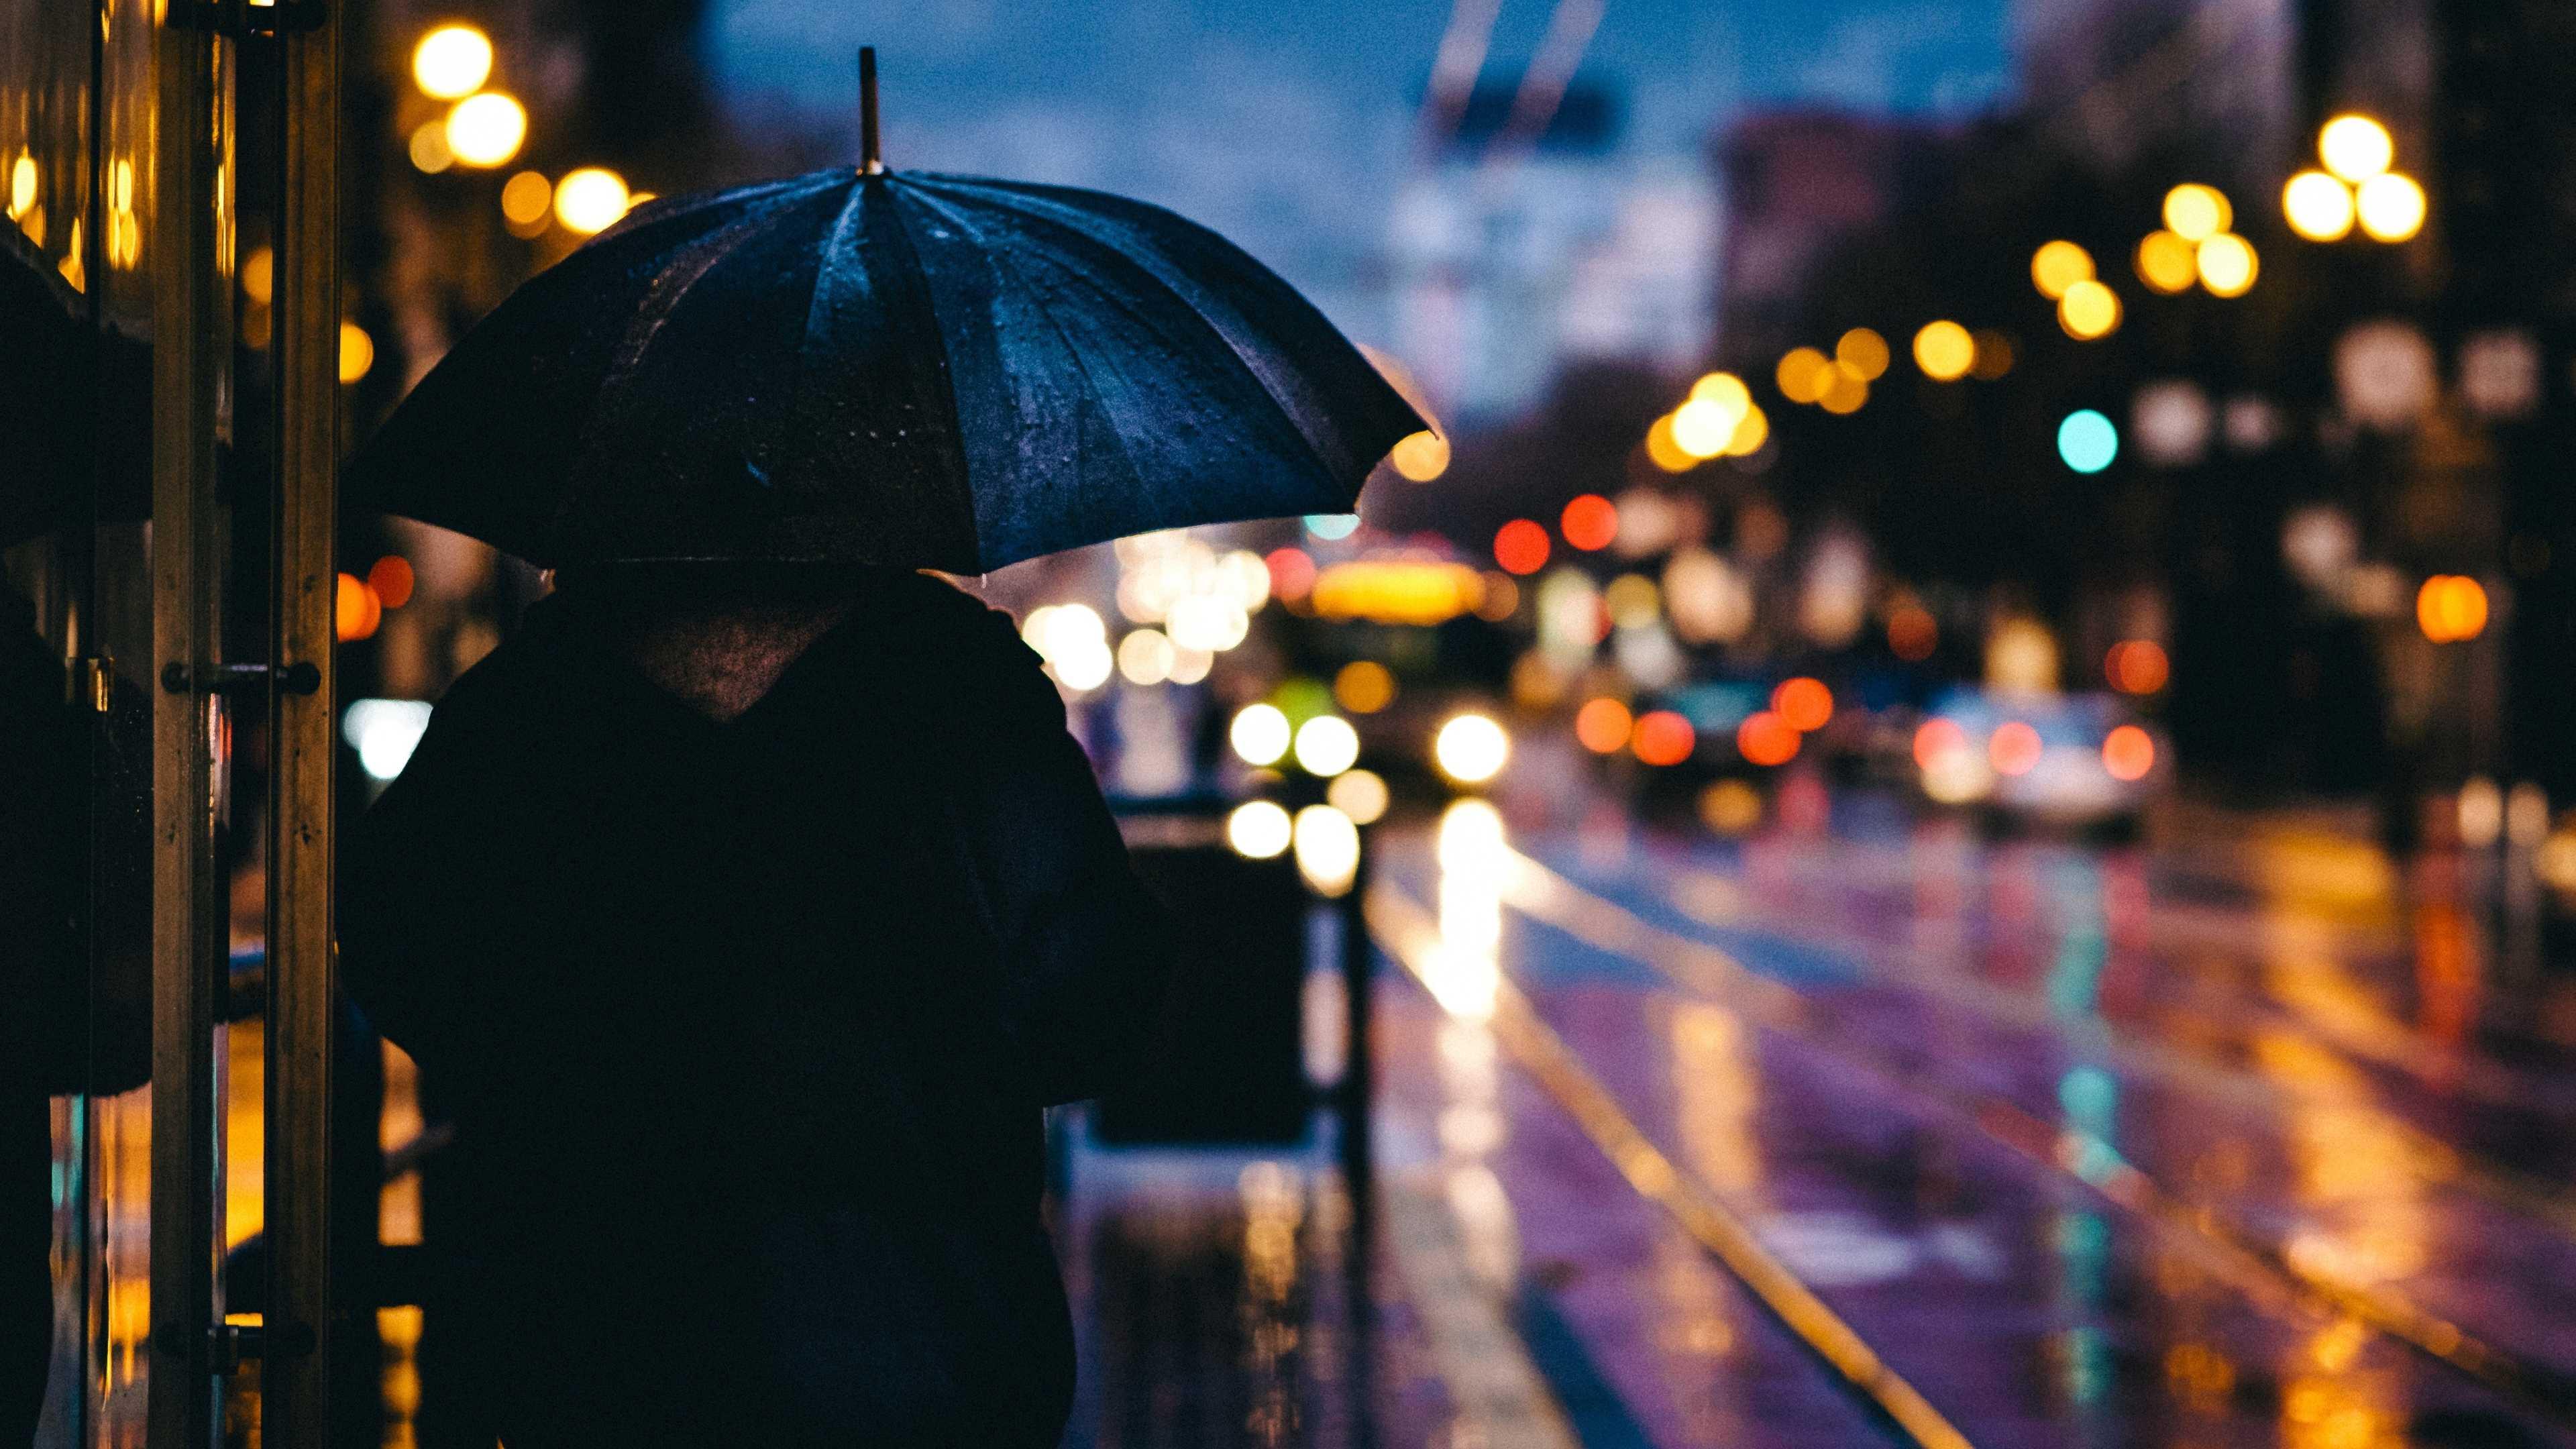 Ученые подтвердили, что погода влияет на переносимость боли